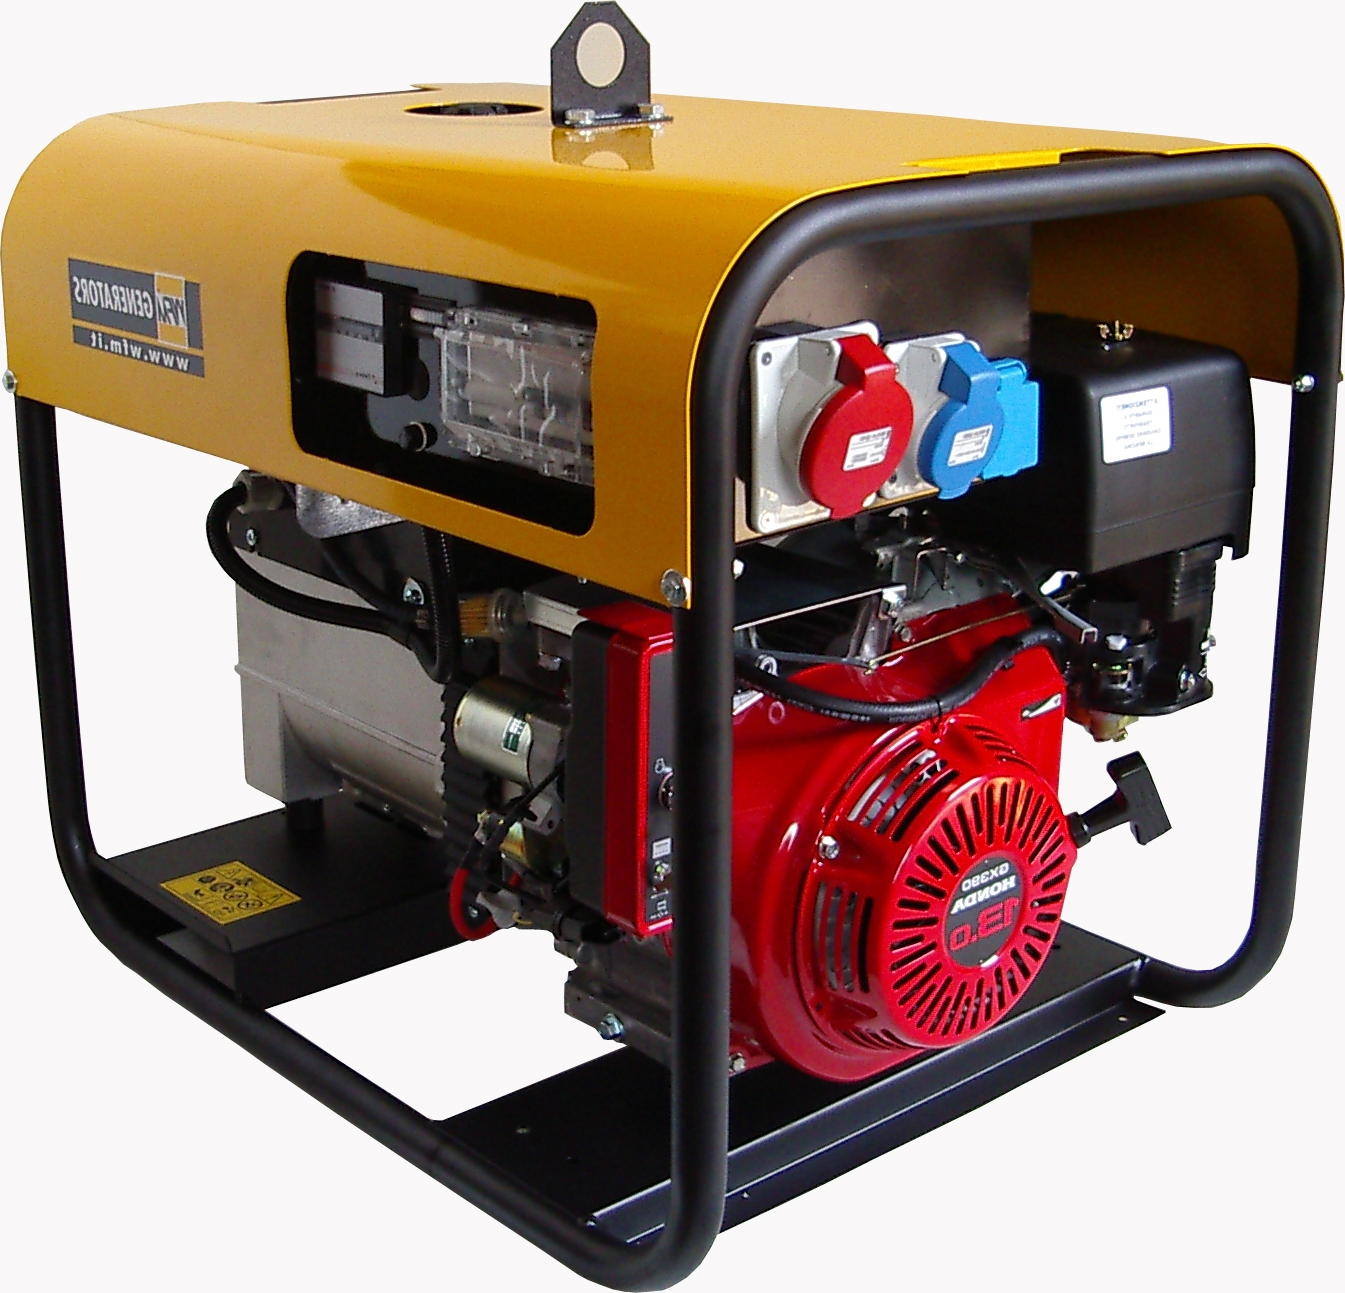 Gruppo Elettrogeno 6 Kw Trifase 400v Benzina Motore Honda